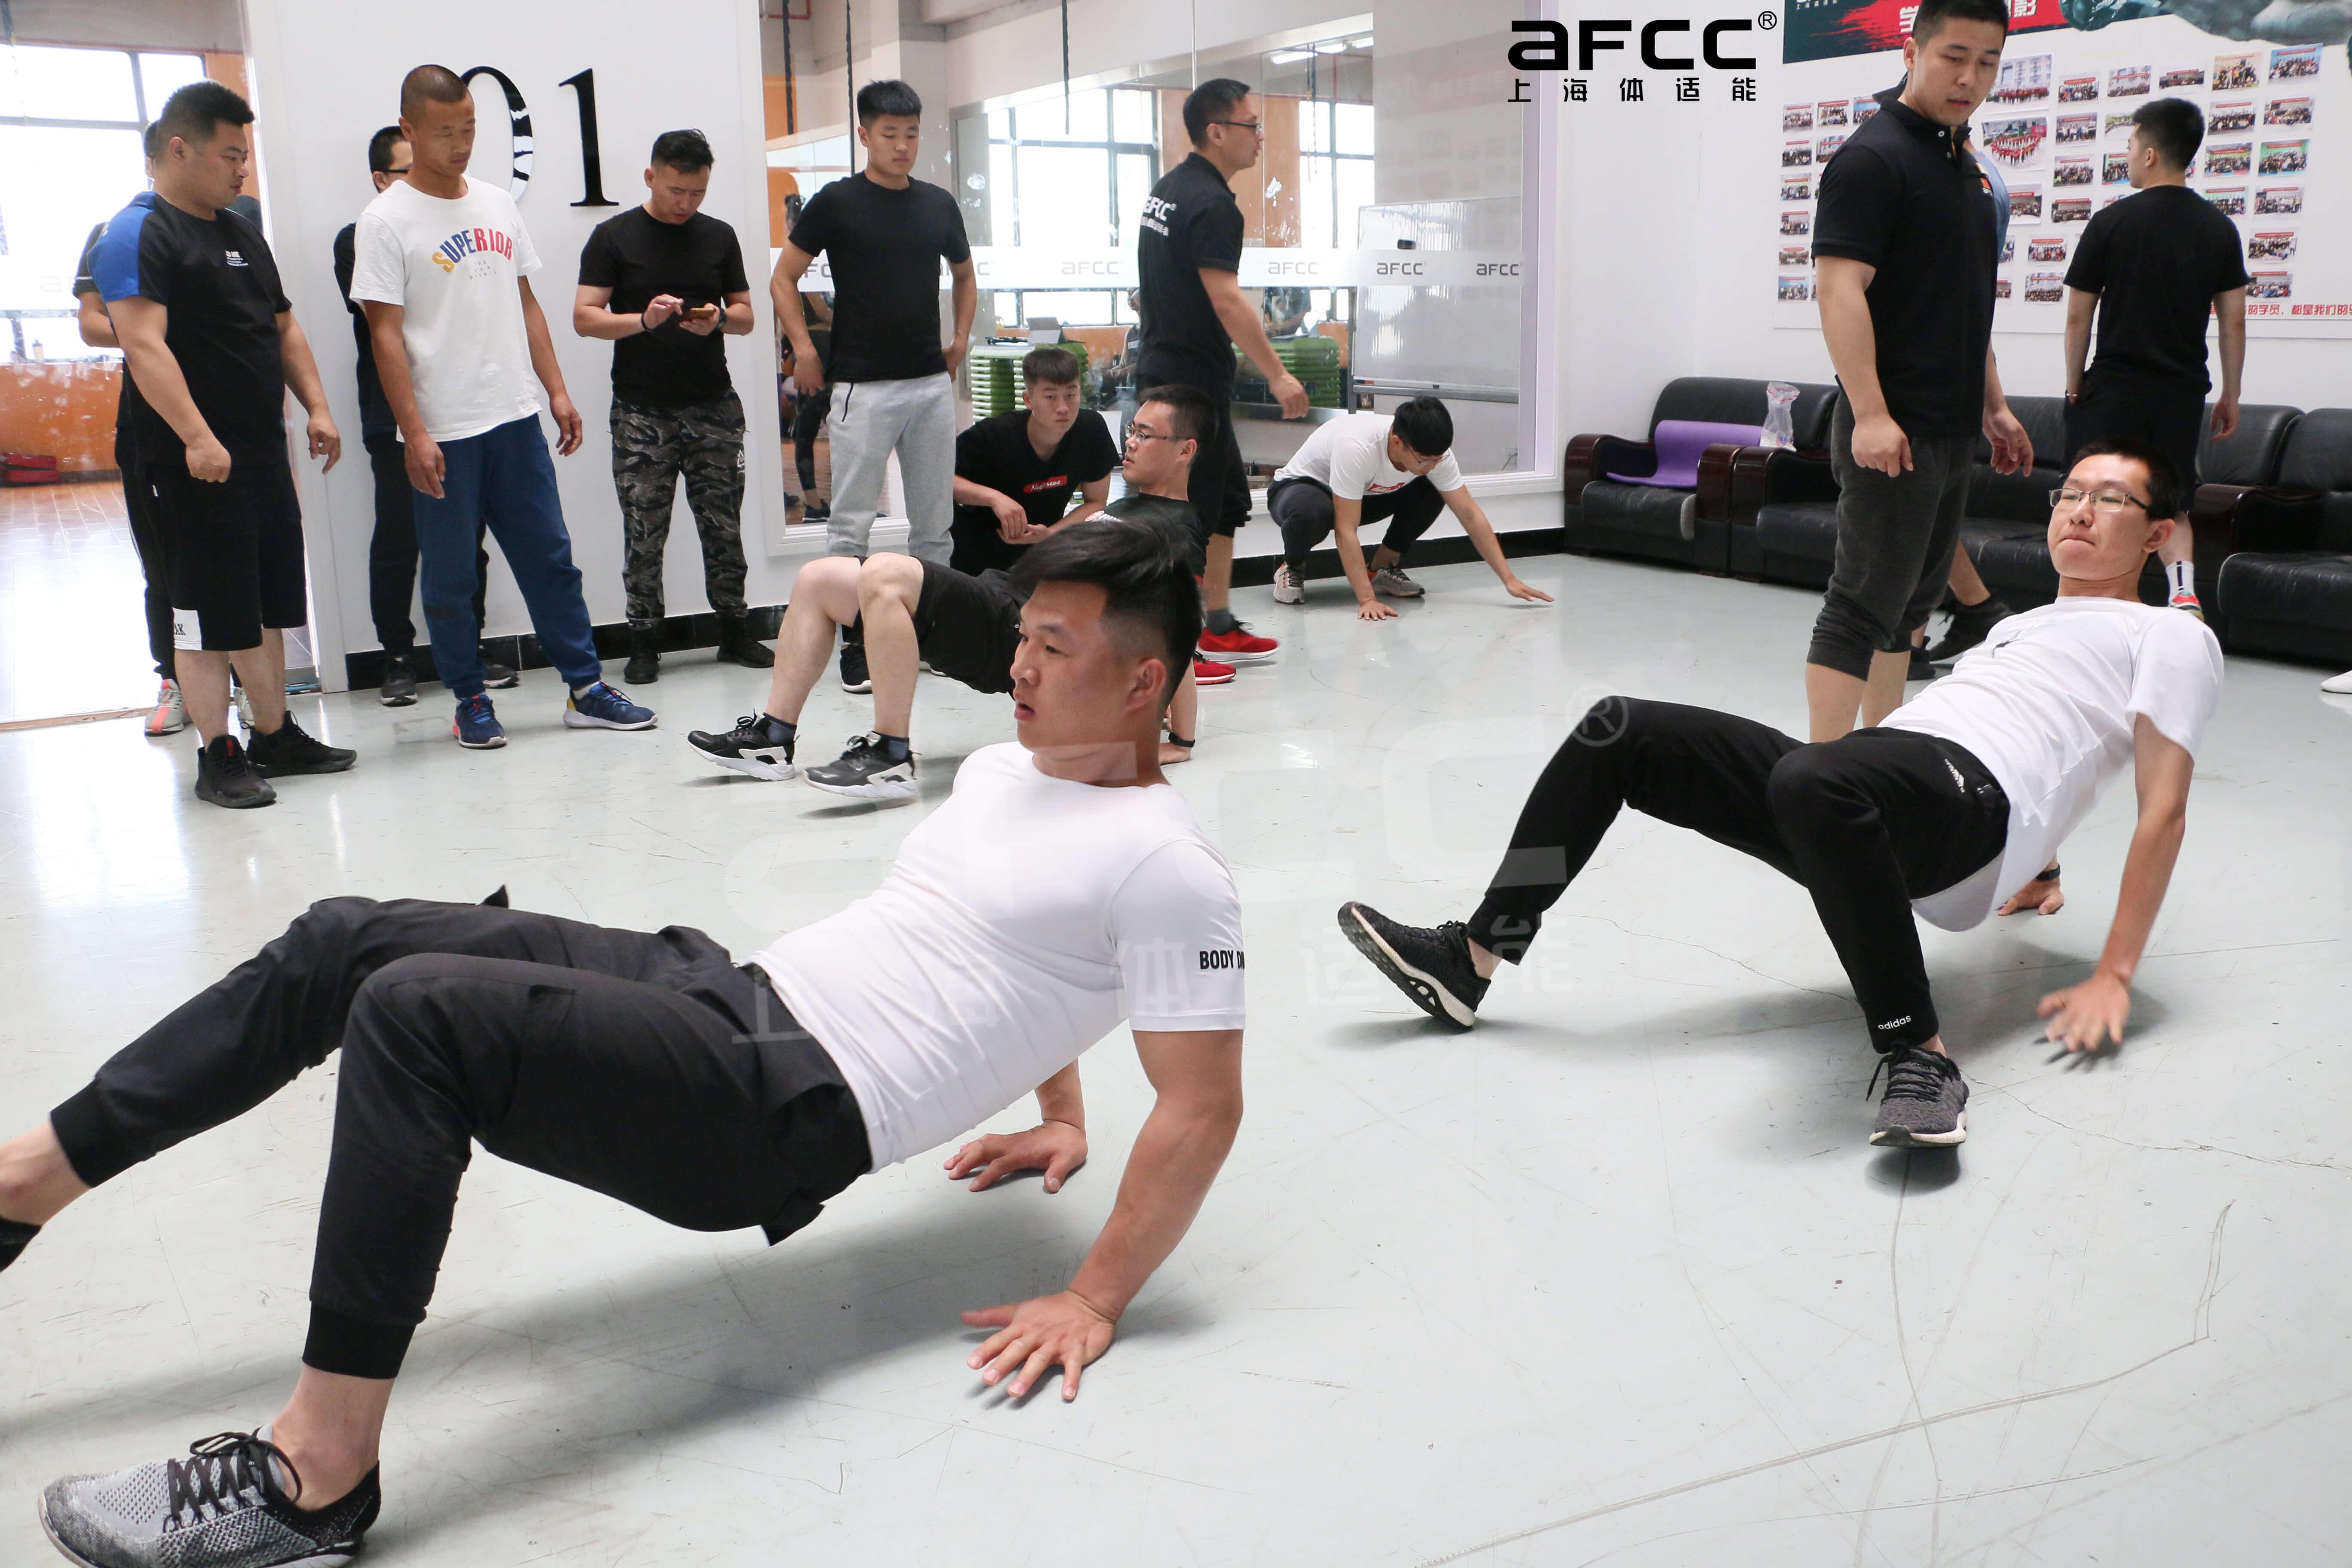 拥有十余年健身培训经验的上海体适能开展的少儿体适能教练培训也非常火爆